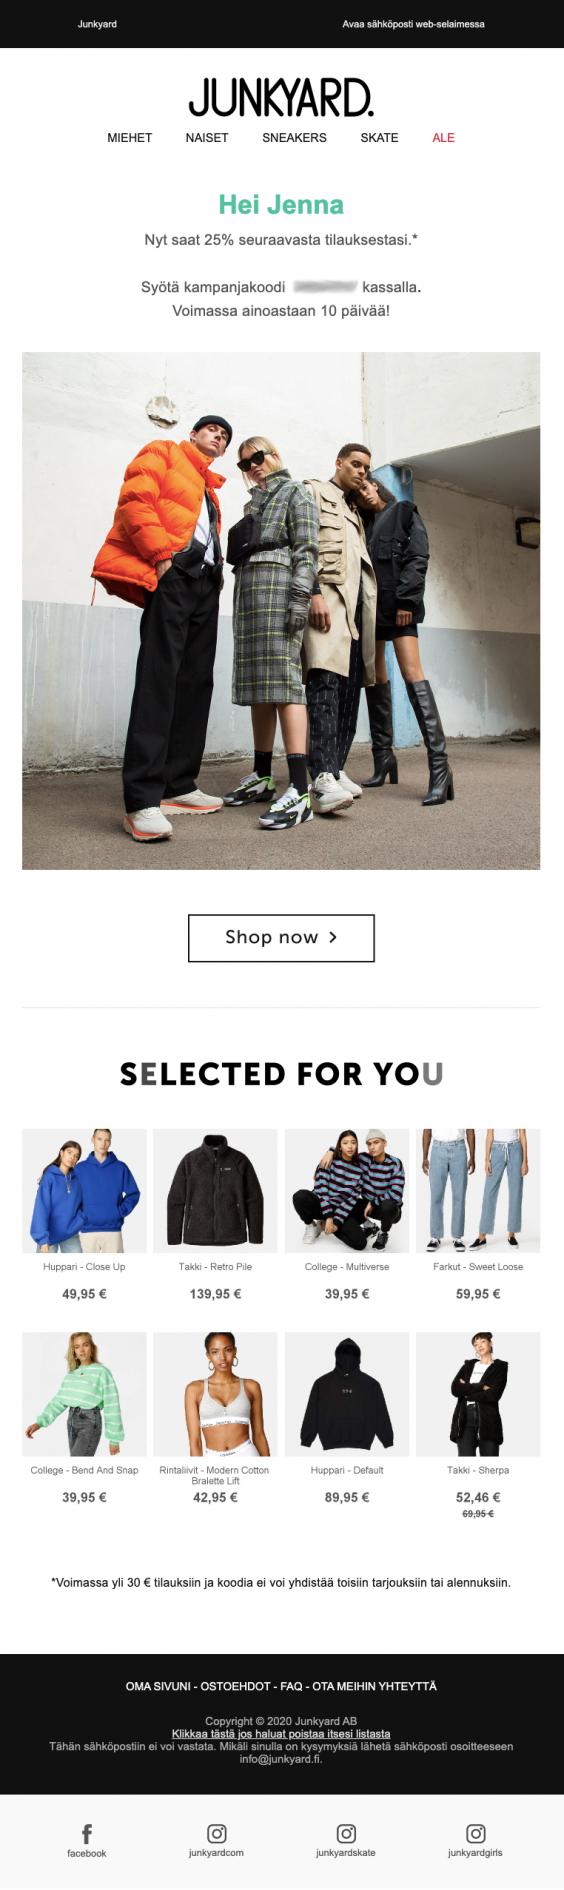 Vaatteiden verkkokauppa Junkyard houkutteli passivoitunutta asiakasta takaisin ostoksille alennuskoodilla ja kohdennetuilla tuotteilla.